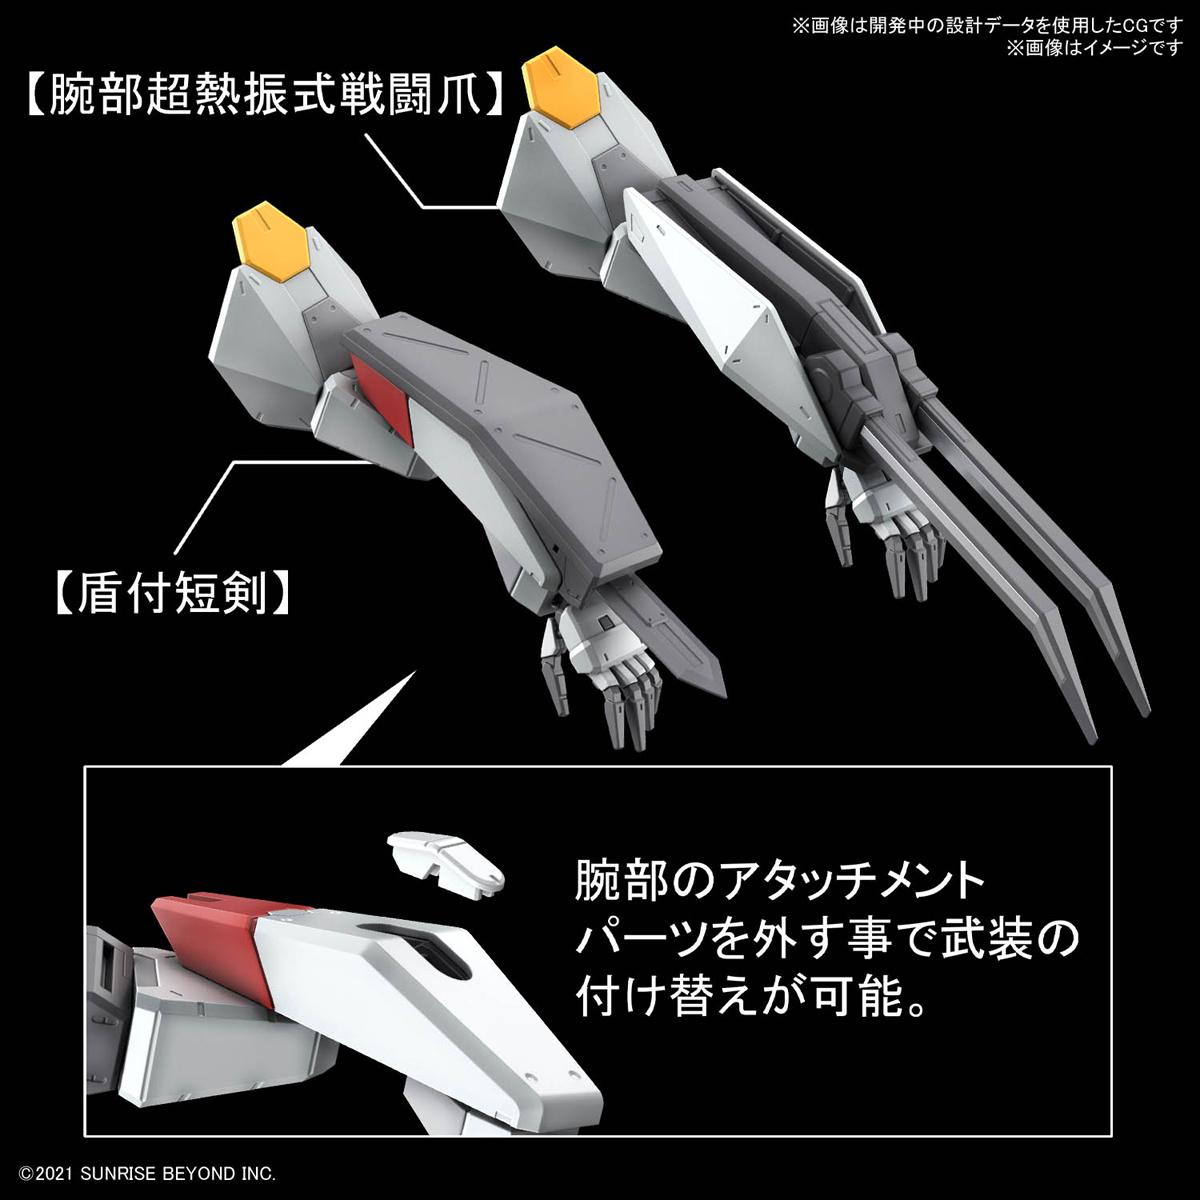 FULL MECHANICS 1/48『メイレスケンブ(初回限定クリア外装付き)』境界戦機 プラモデル-006